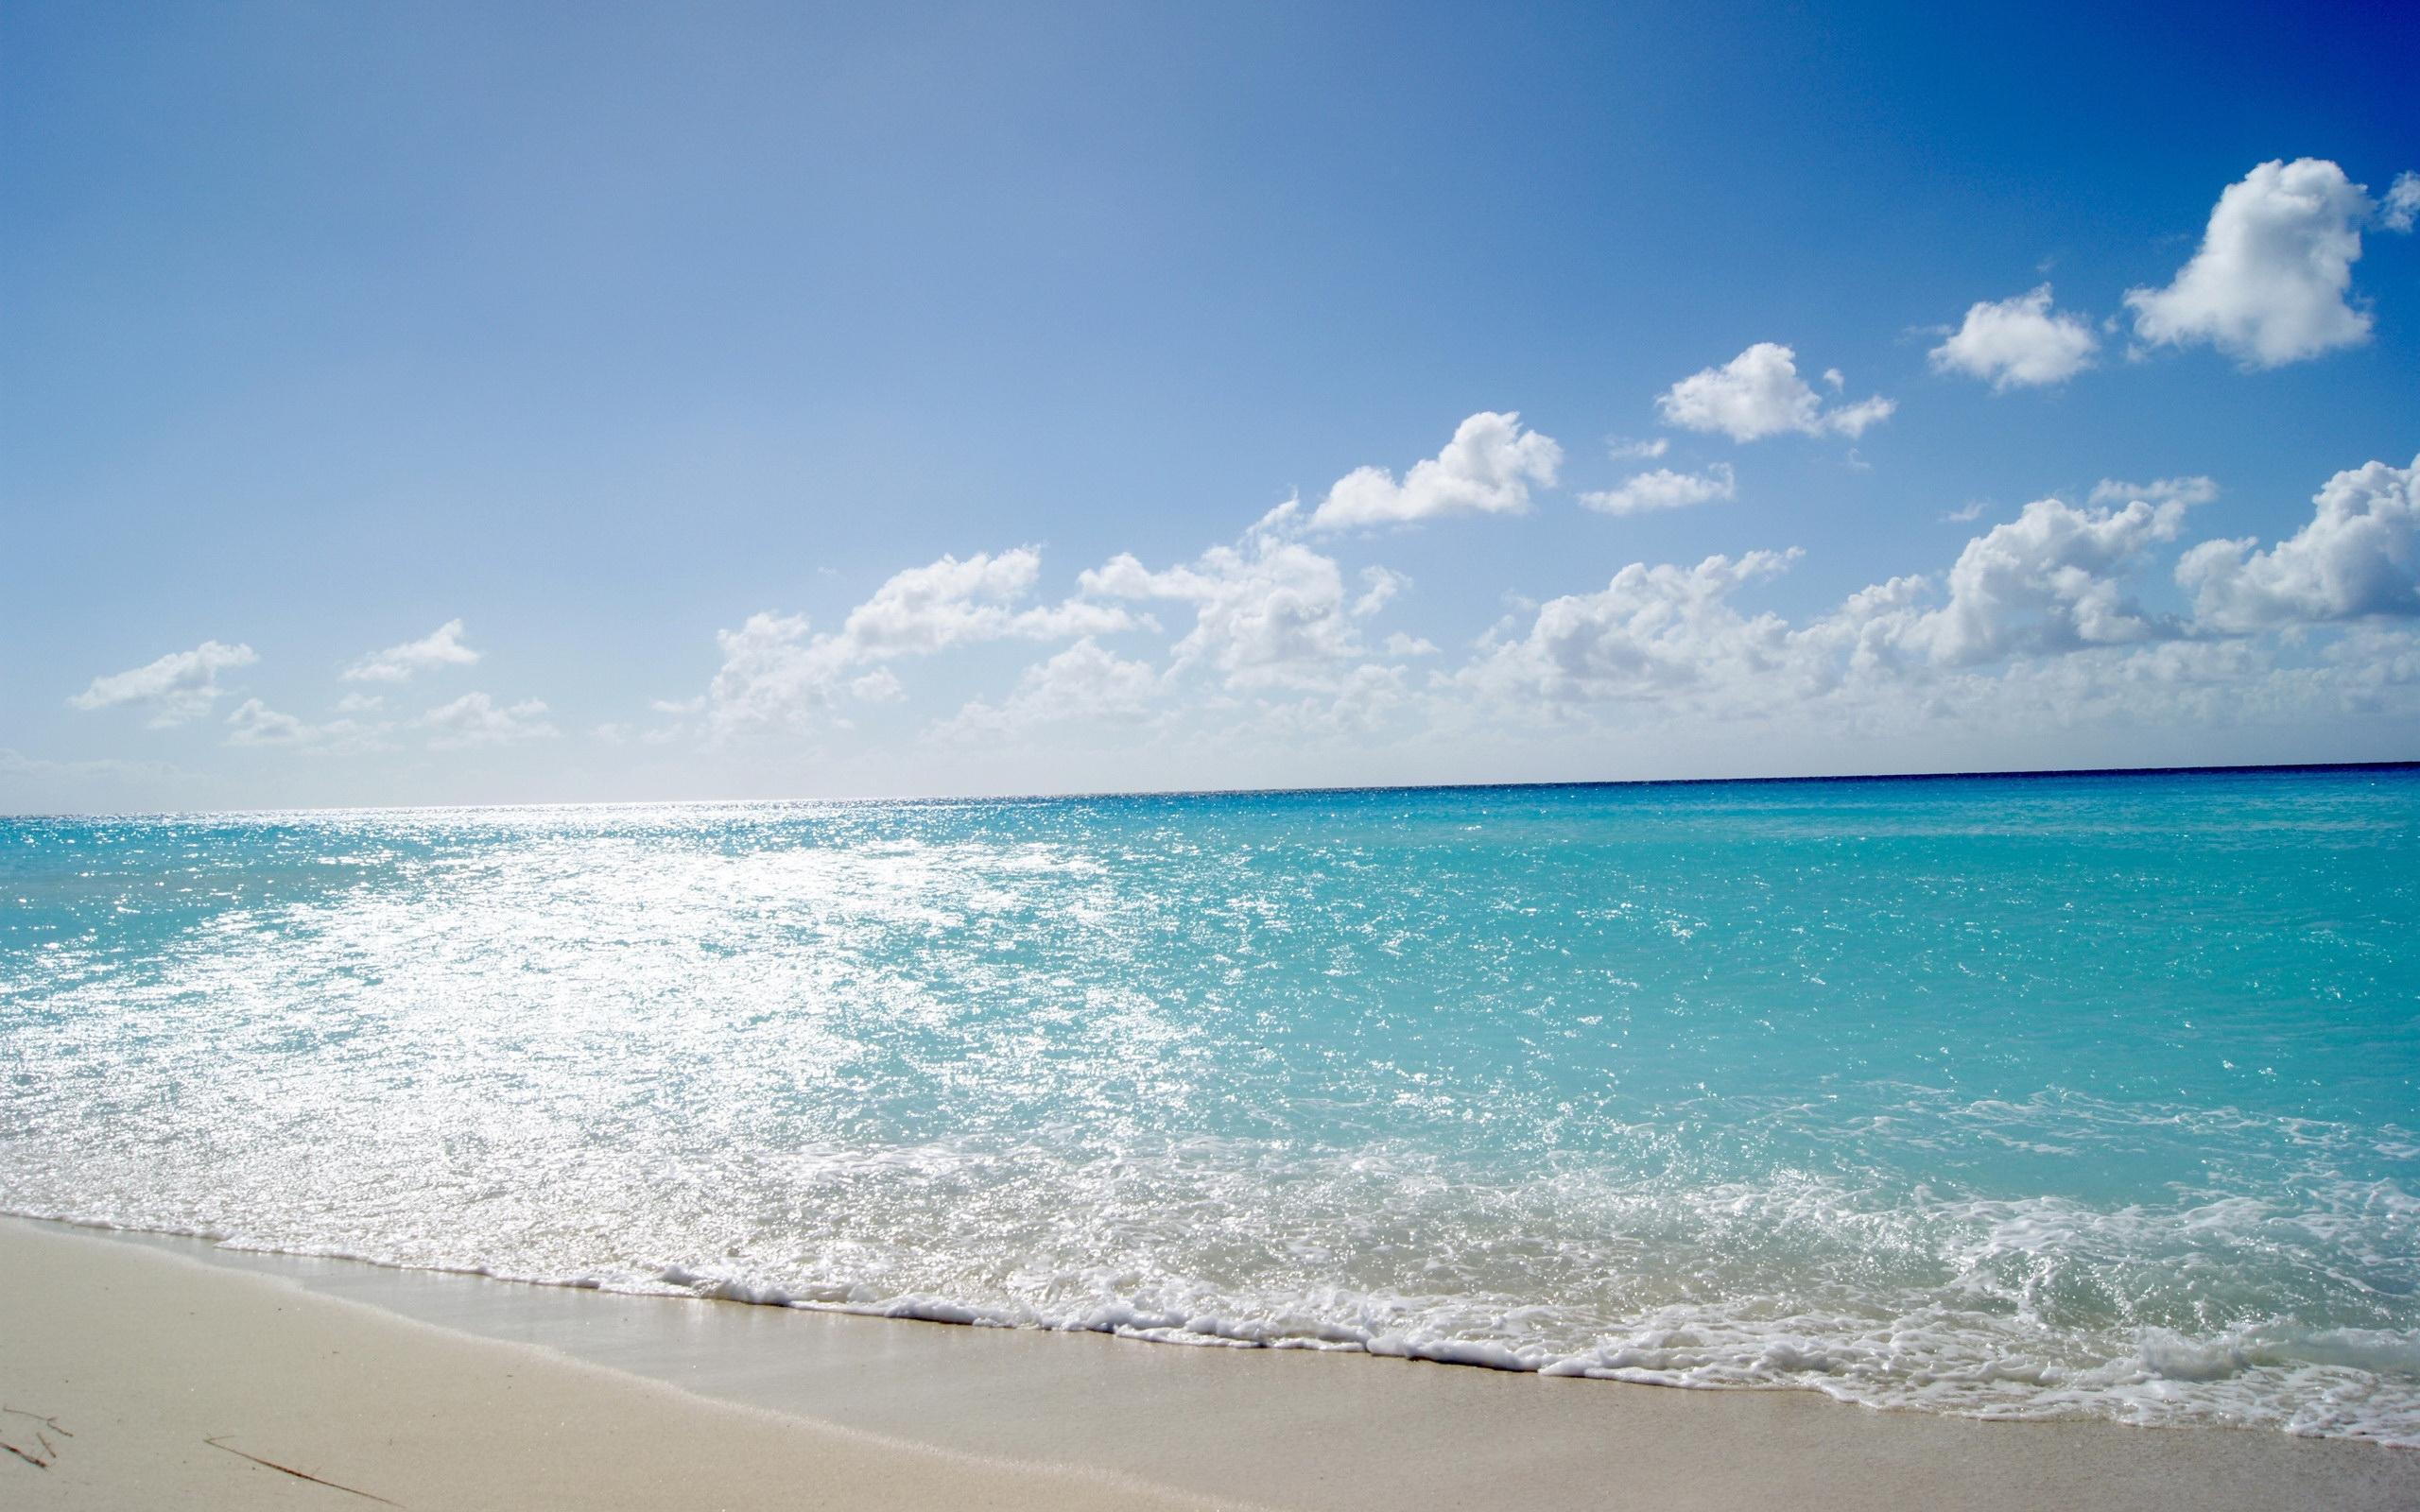 صور بحر وشواطئ HD اجمل خلفيات بحار وشواطئ في العالم